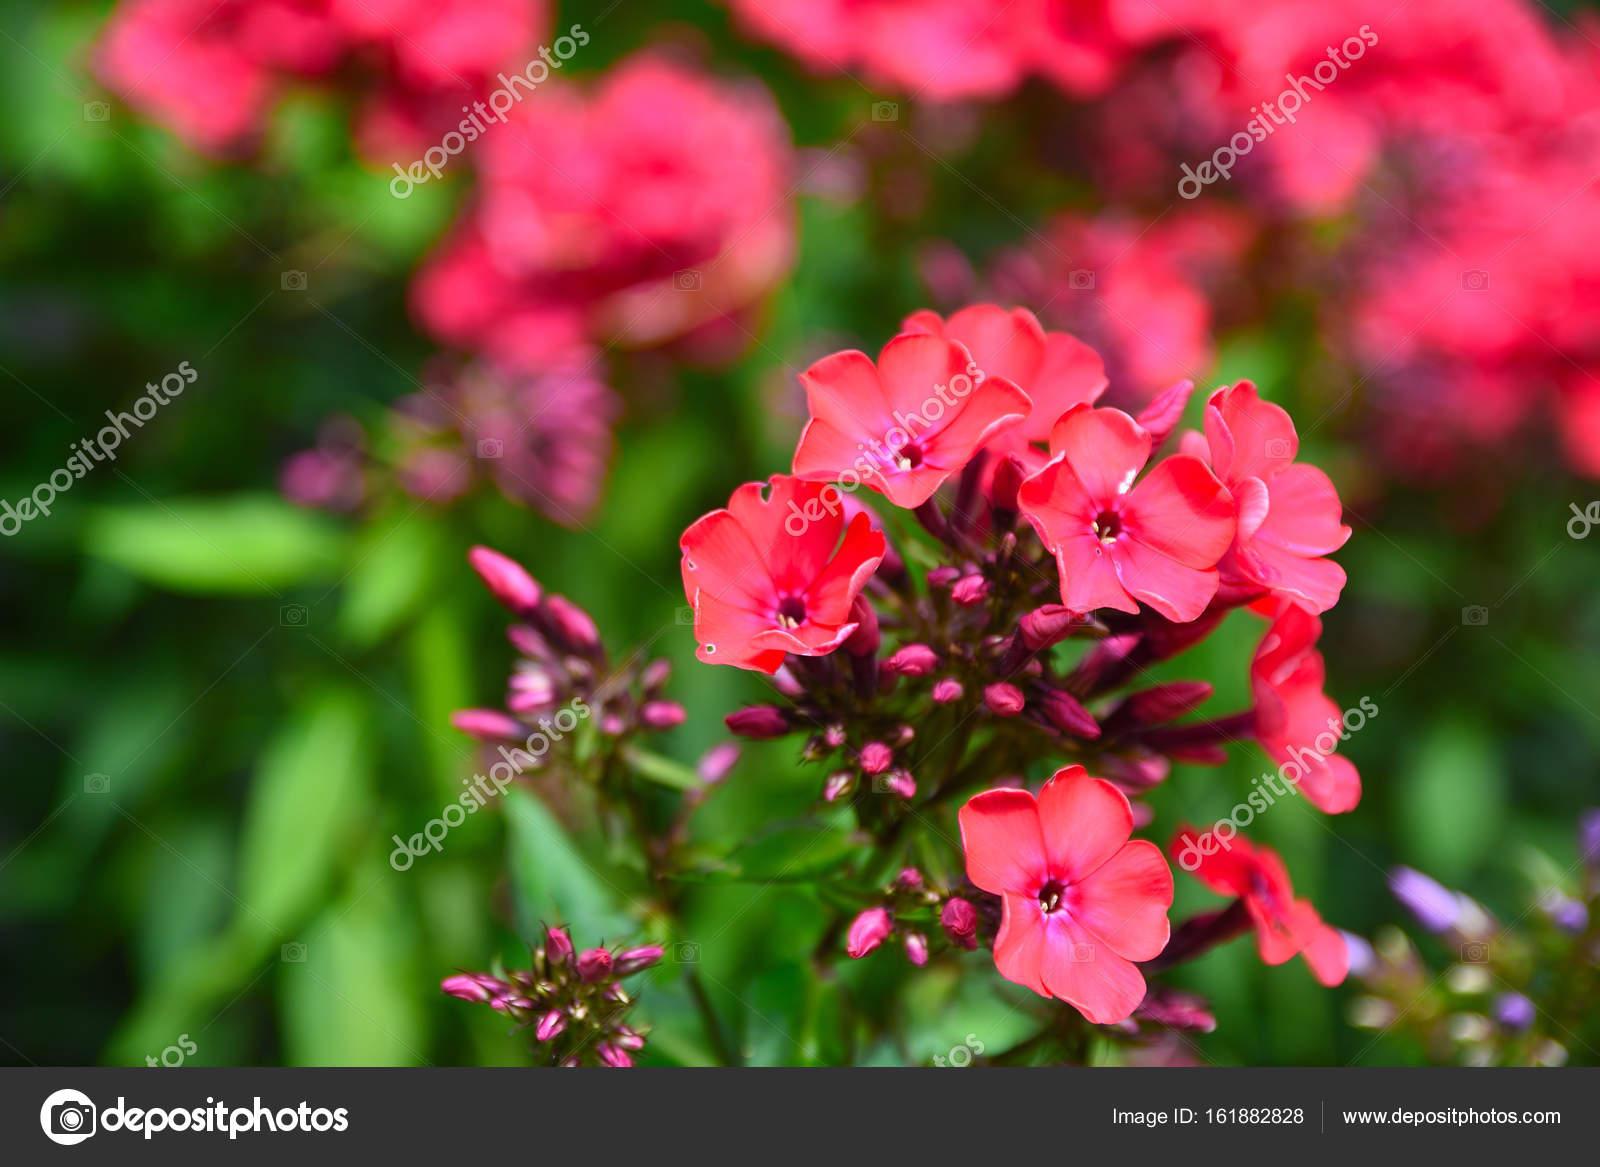 Bahçe Phlox çiçeği Içinde Köy Bahçe Köşesinde Kırmızı Pembe çiçek